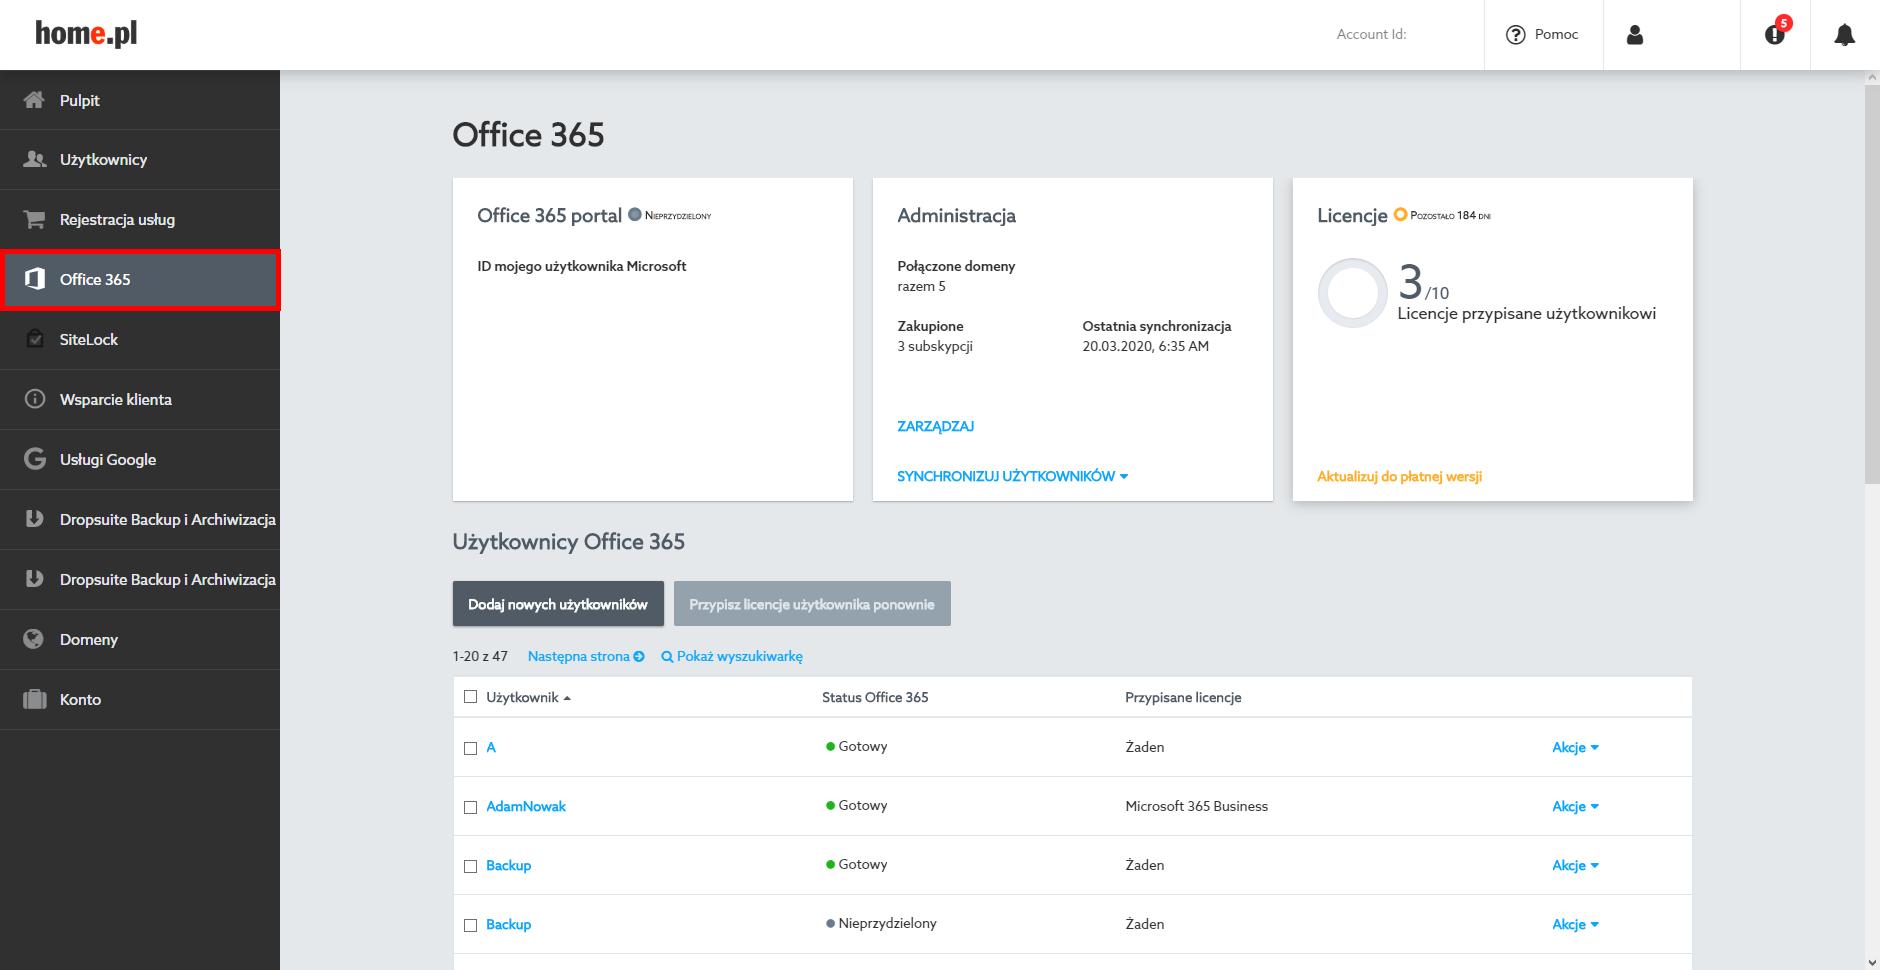 Jak zalogować się do Panelu klienta Office365 w home.pl?